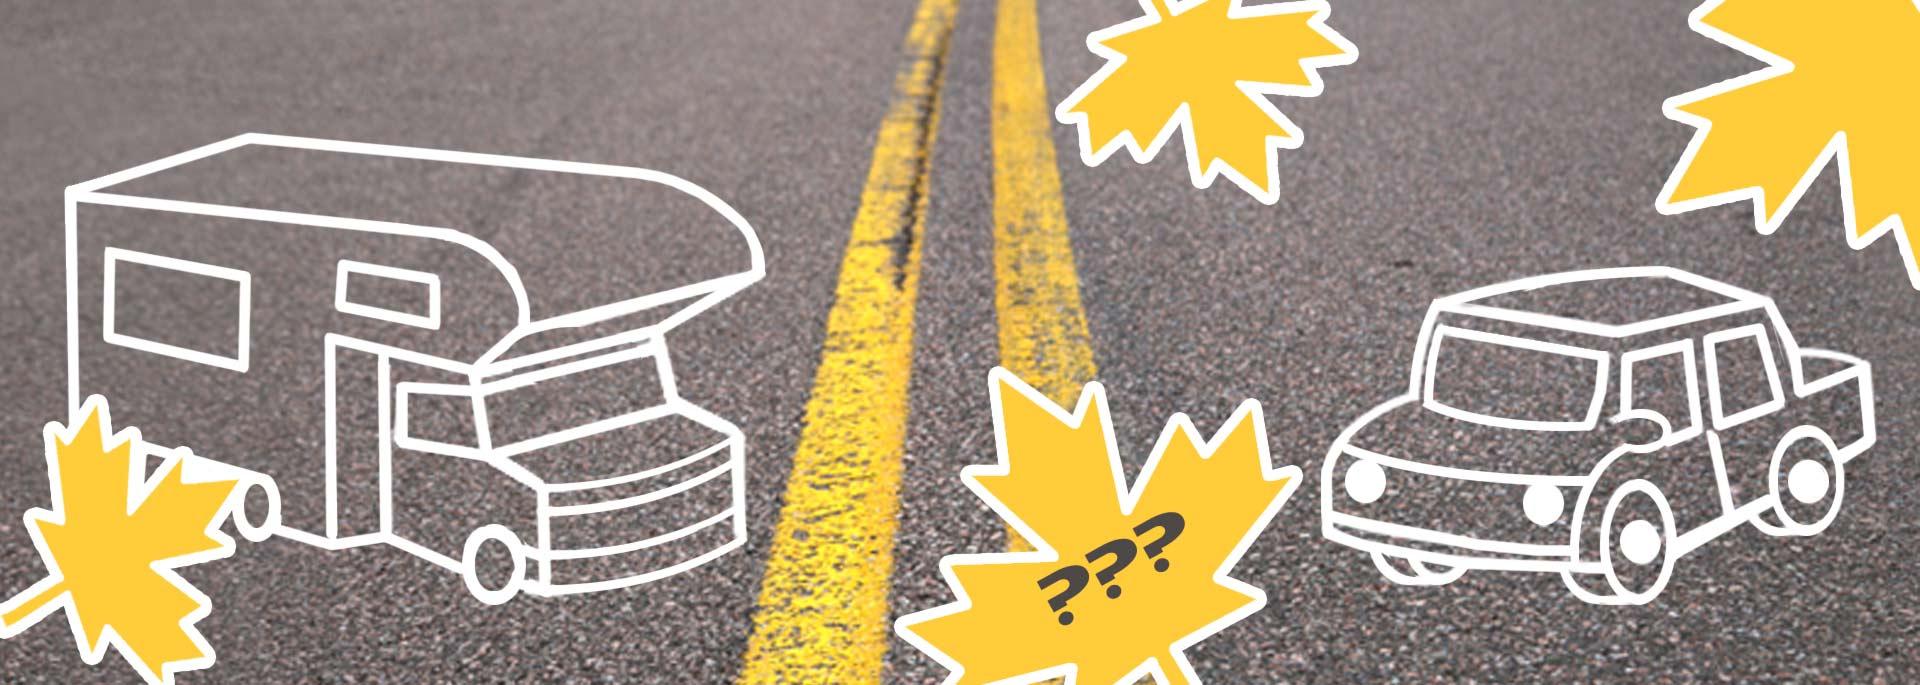 Reisetipp: Kanada im Wohnwagen vs. Mietwagen